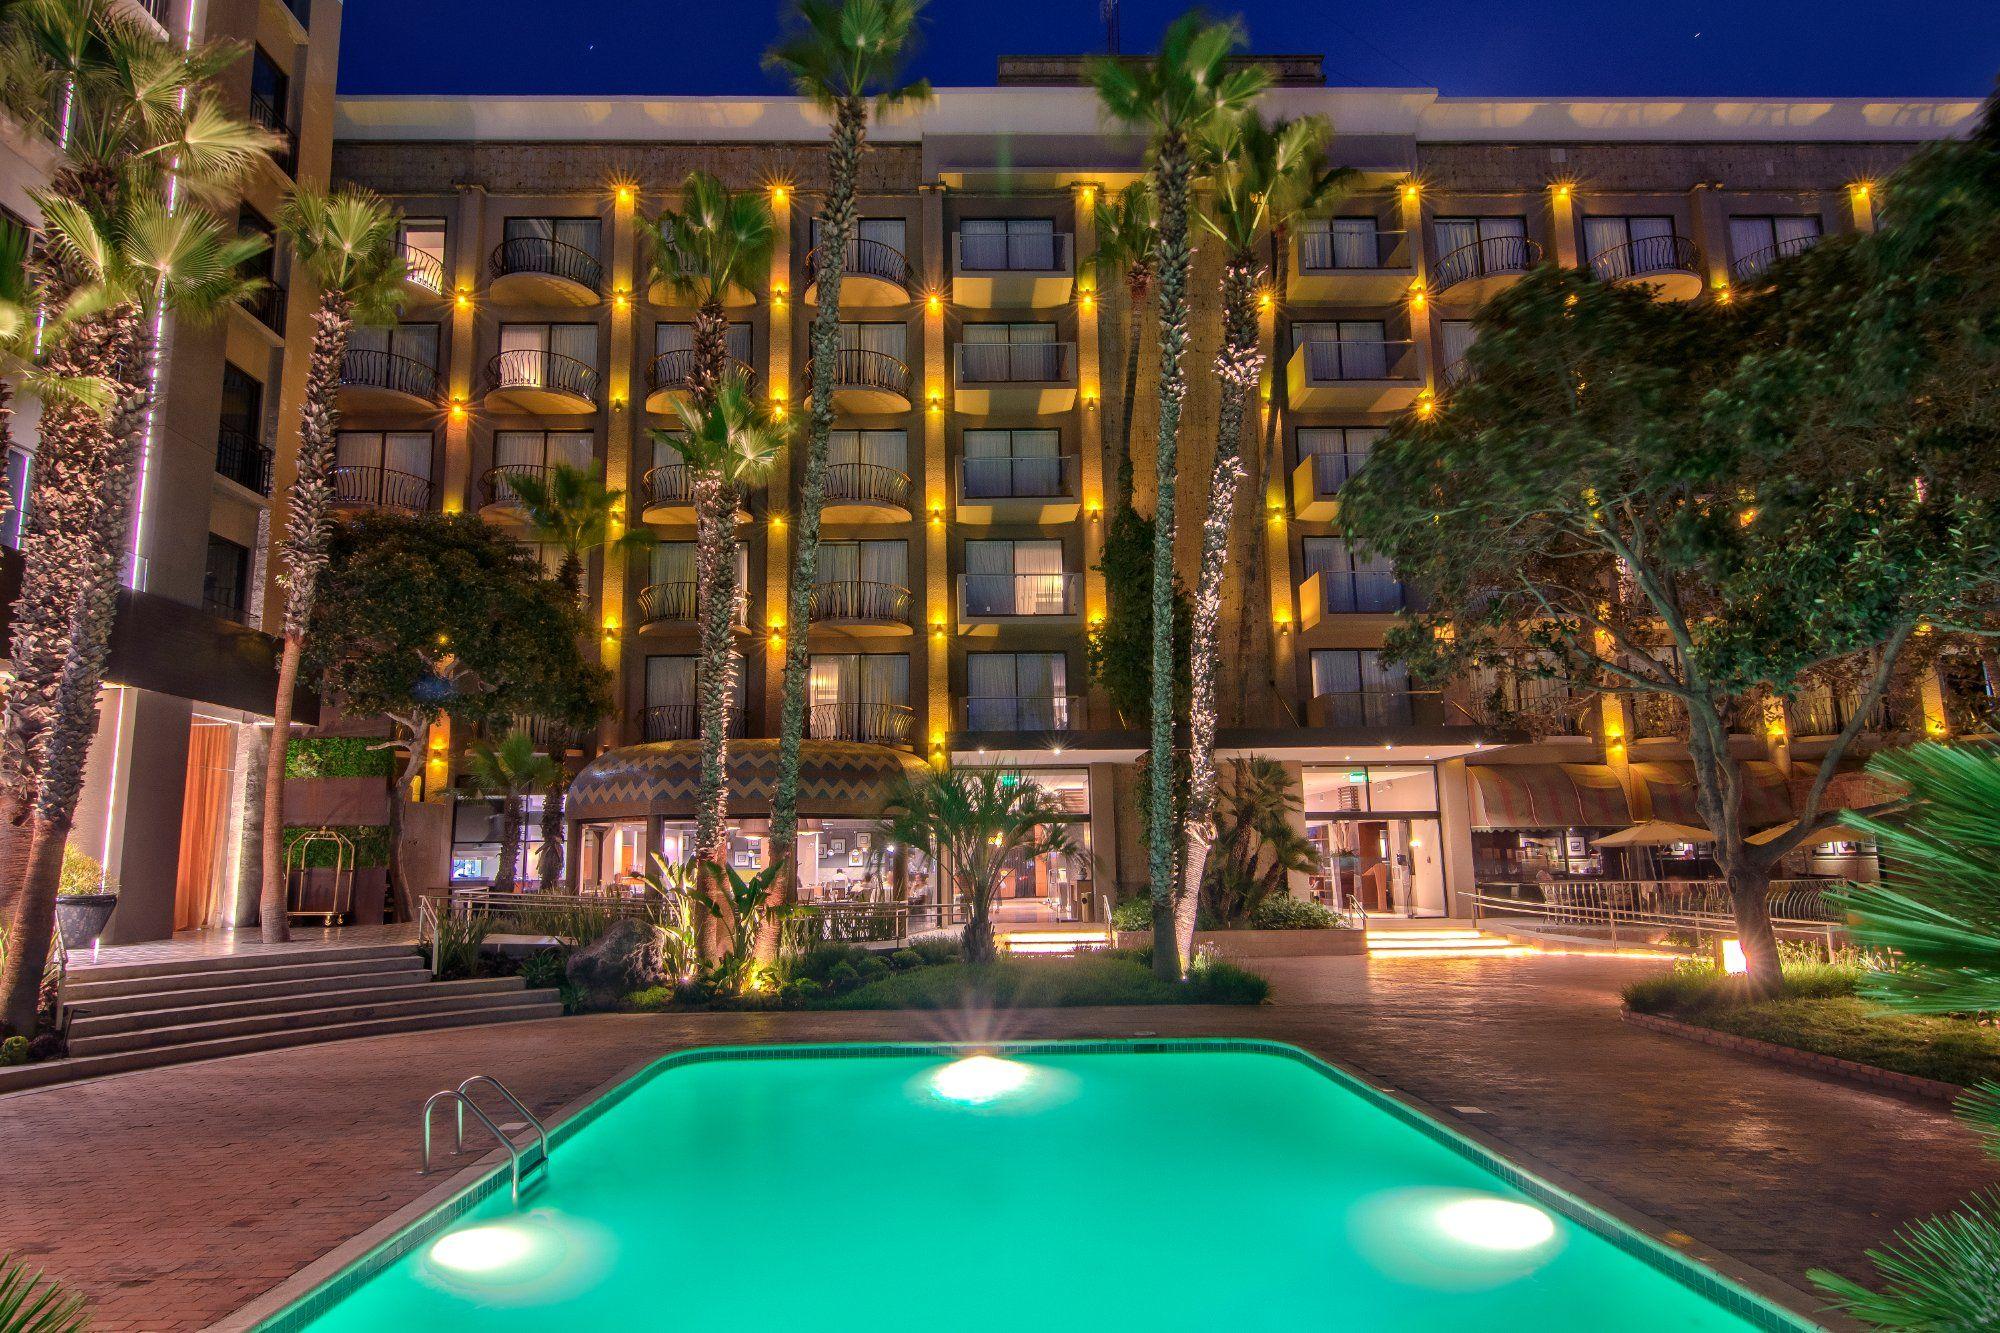 hotel lucerna tijuana desde $2 298 méxico opiniones y